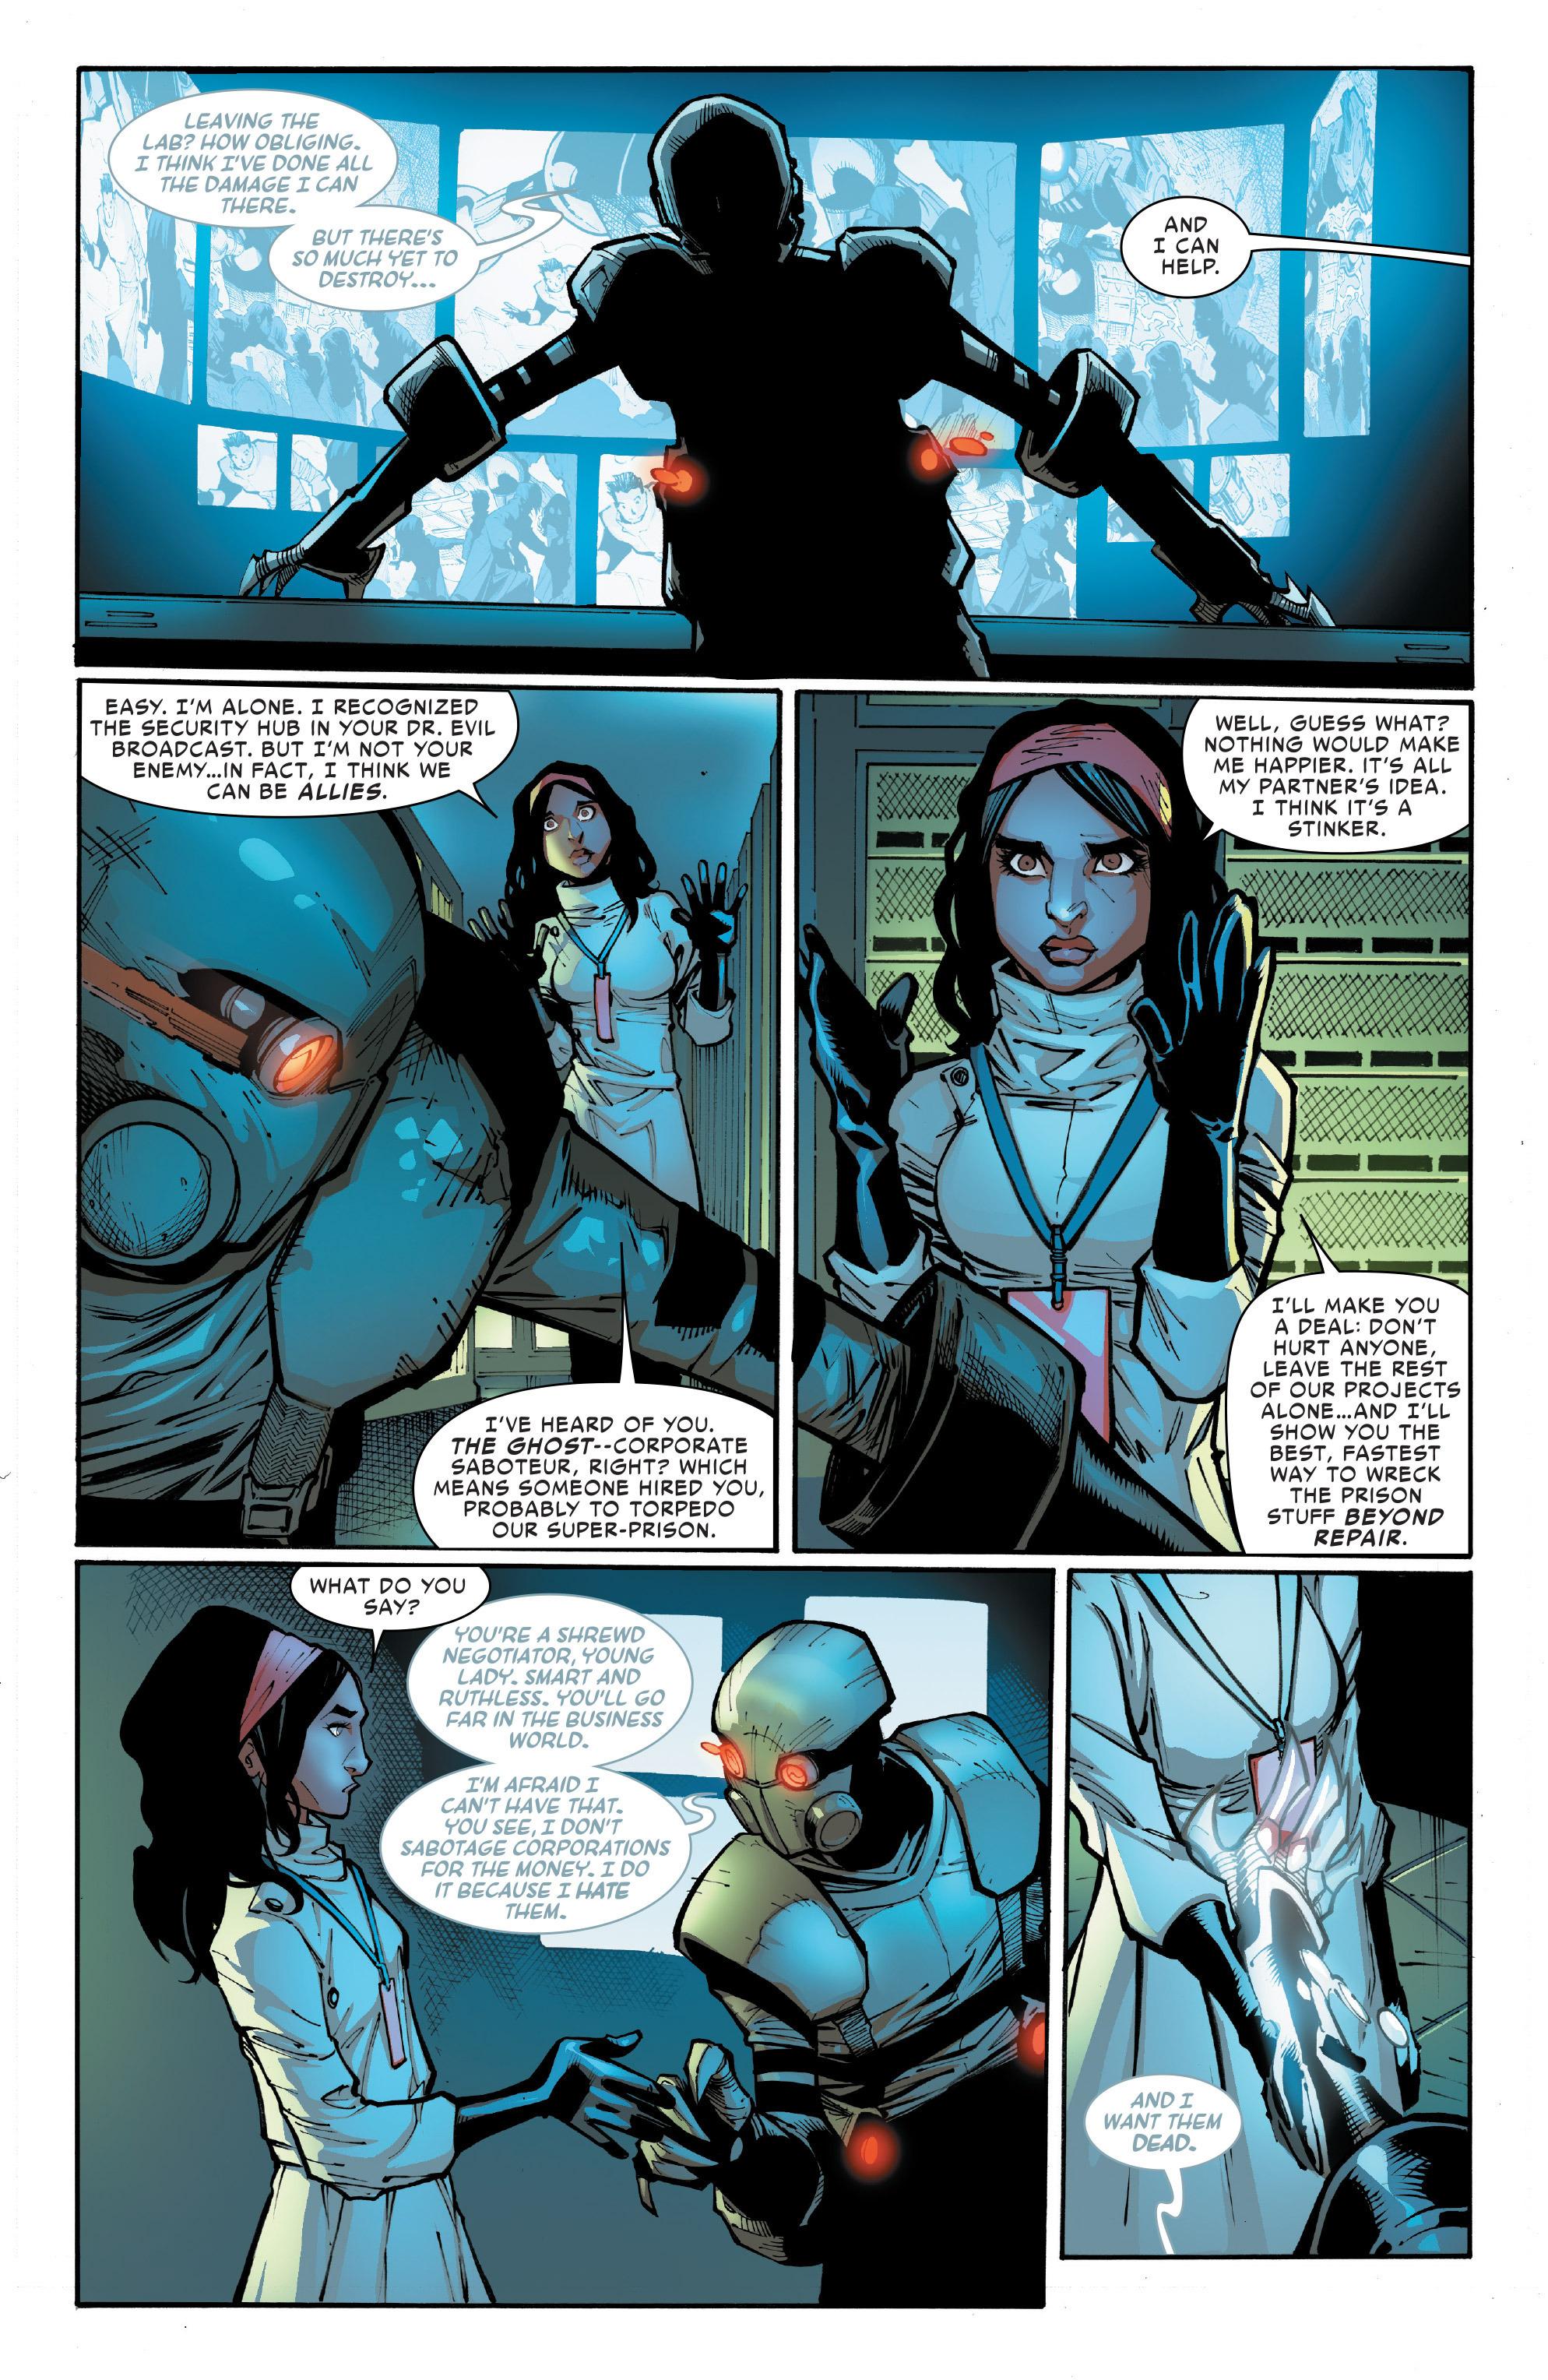 AmazingSpider-Man(2014)#17--p13